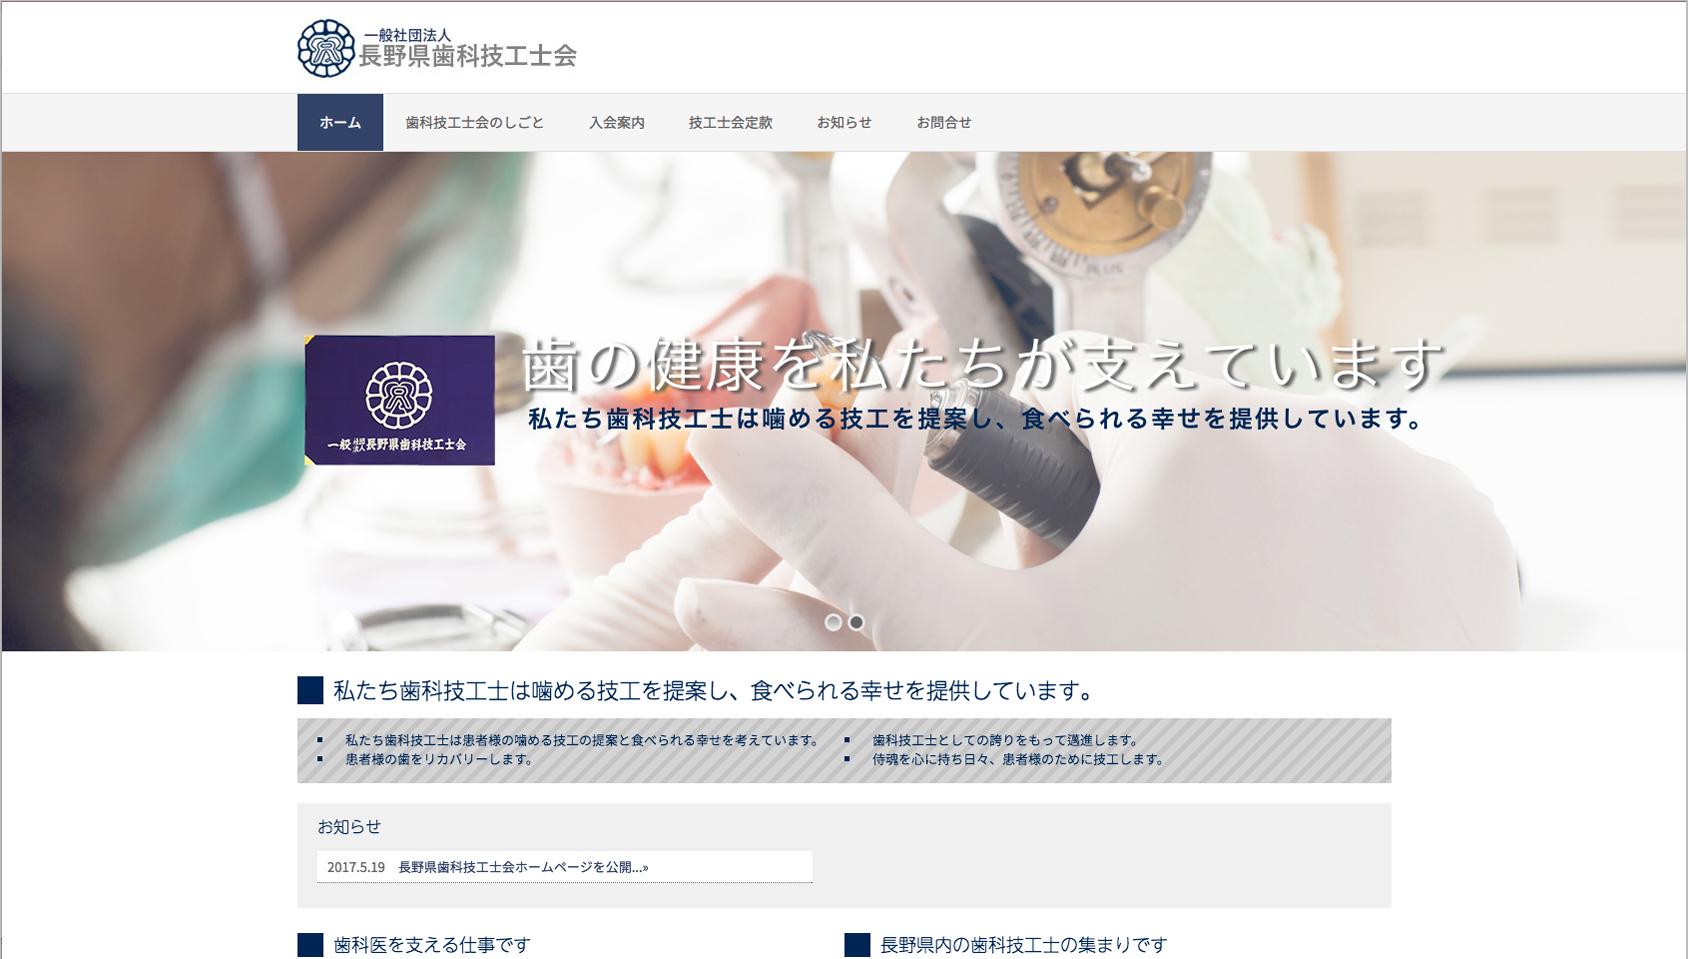 長野県歯科技工士会HP公開しました